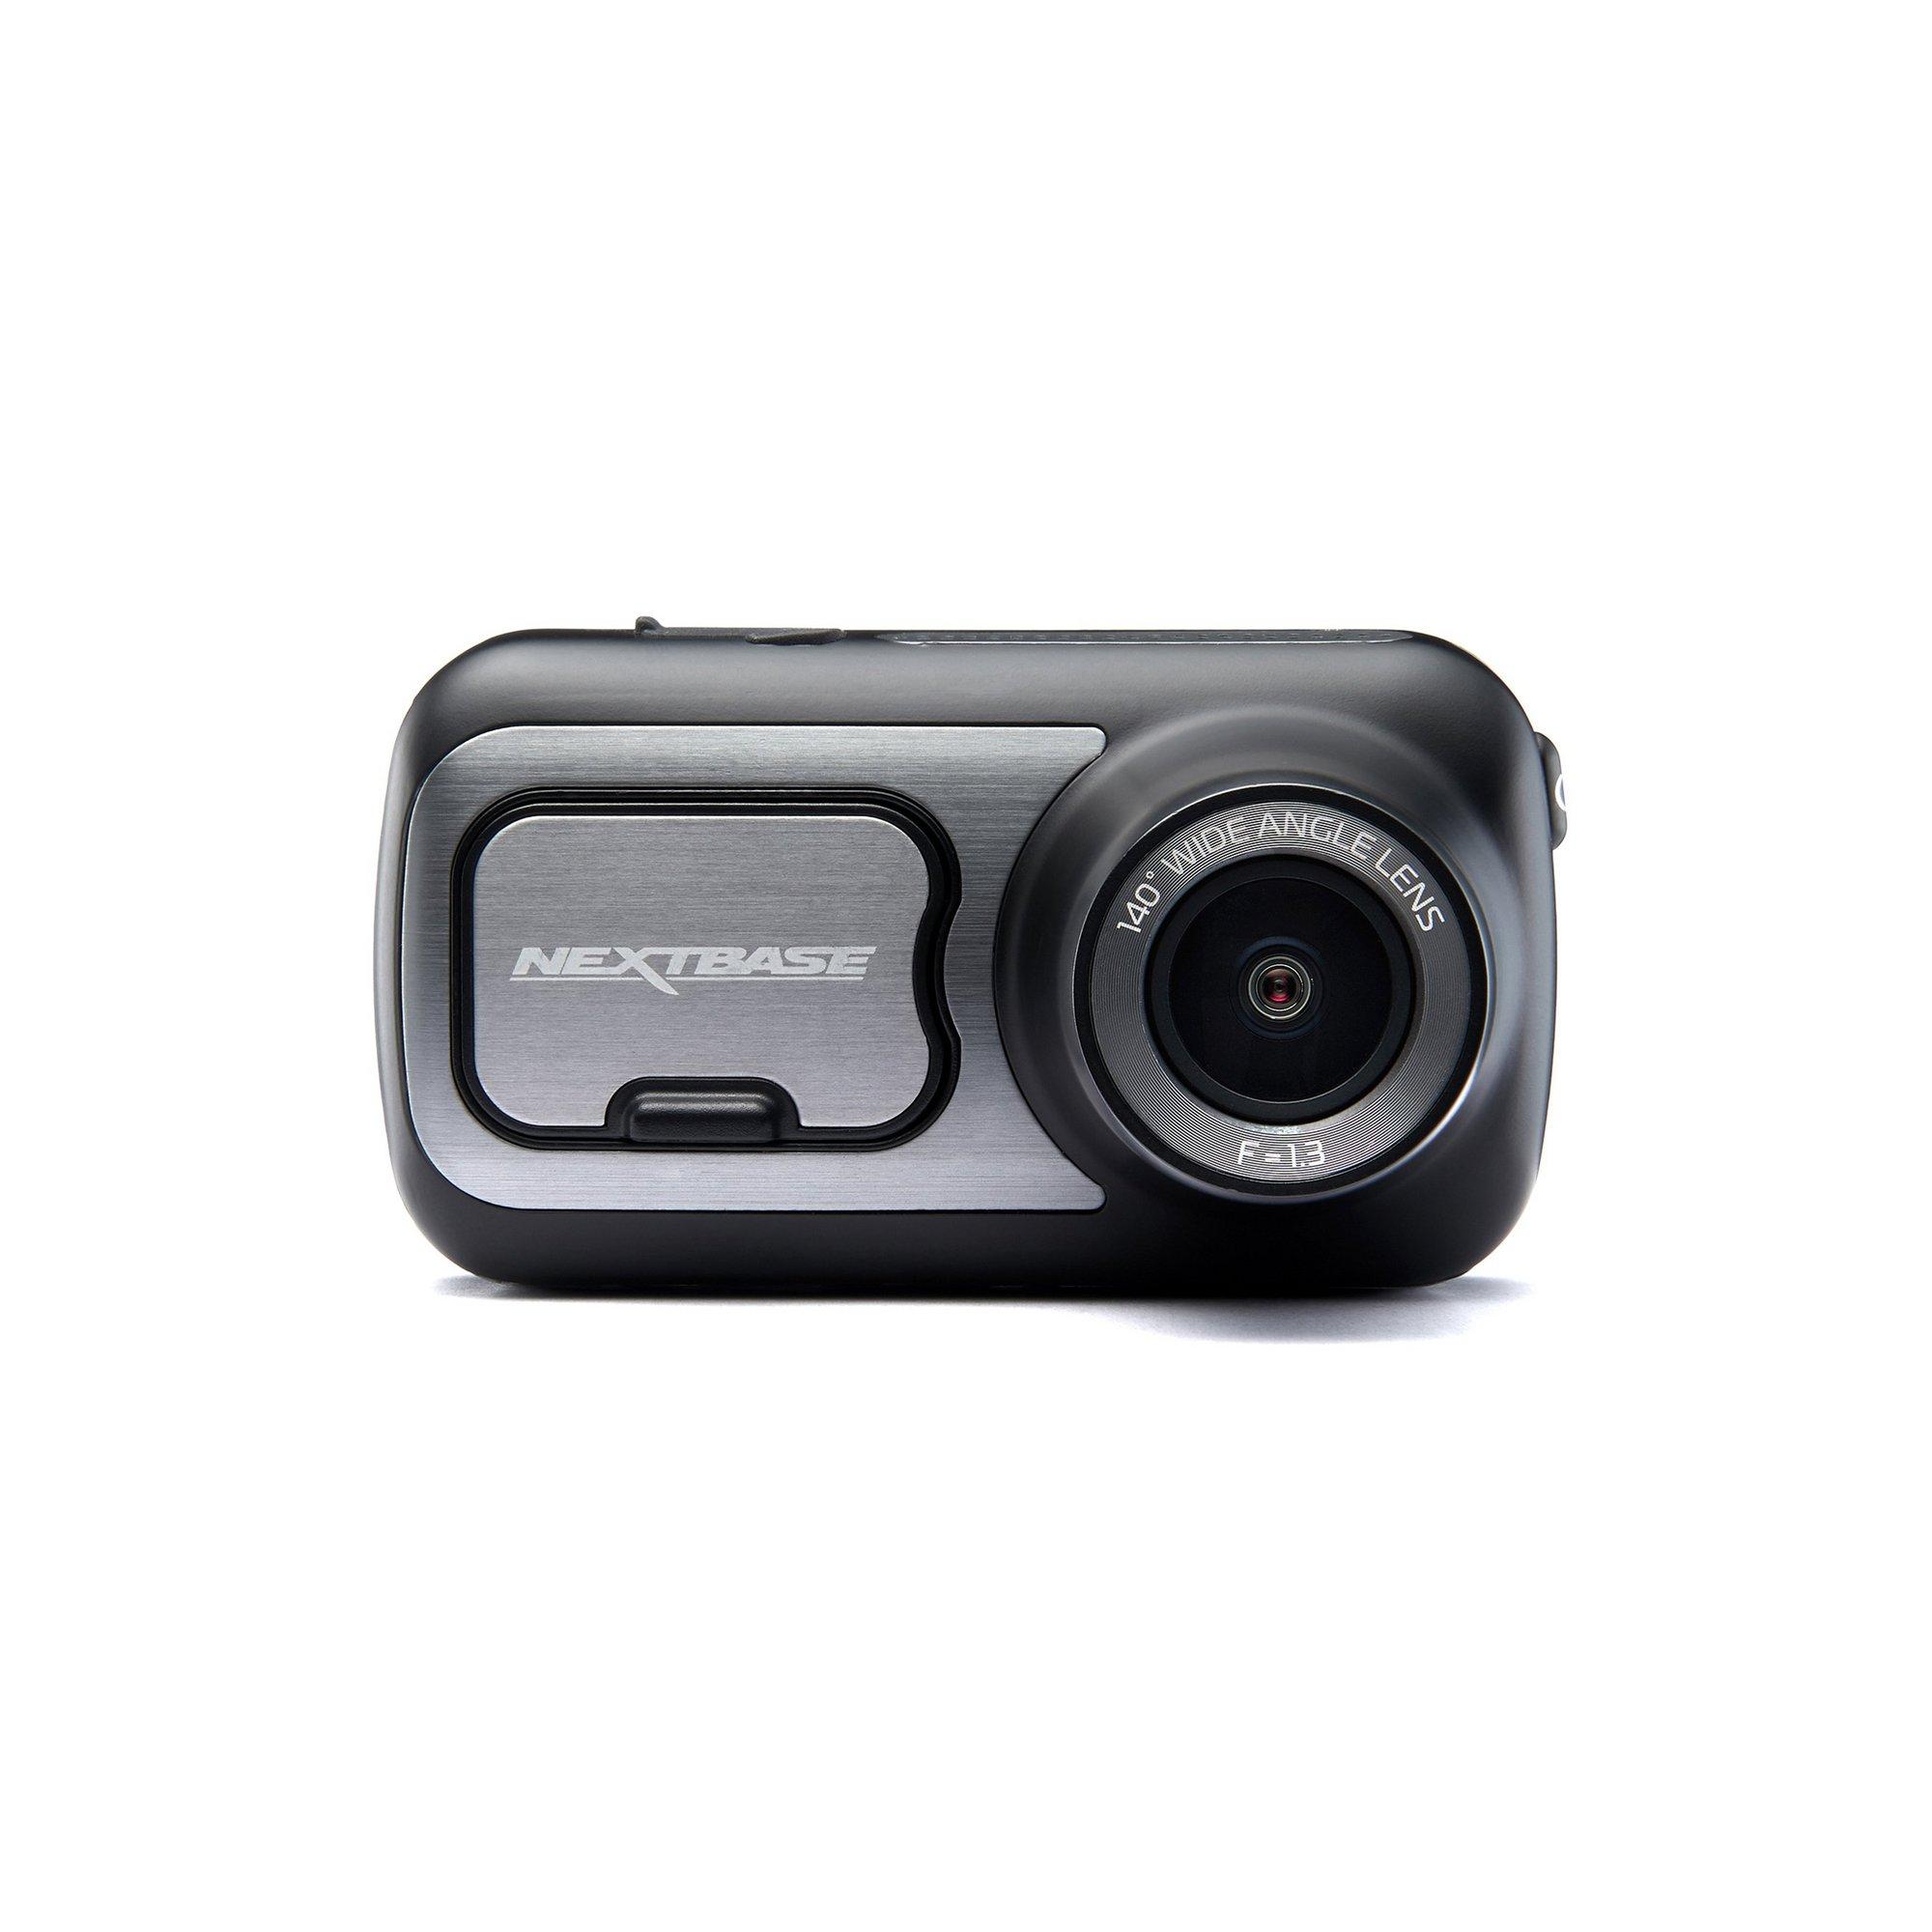 Image of Nextbase 422GW FHD 2.5 Inch Touch Wi-Fi Alexa BT Dash Cam